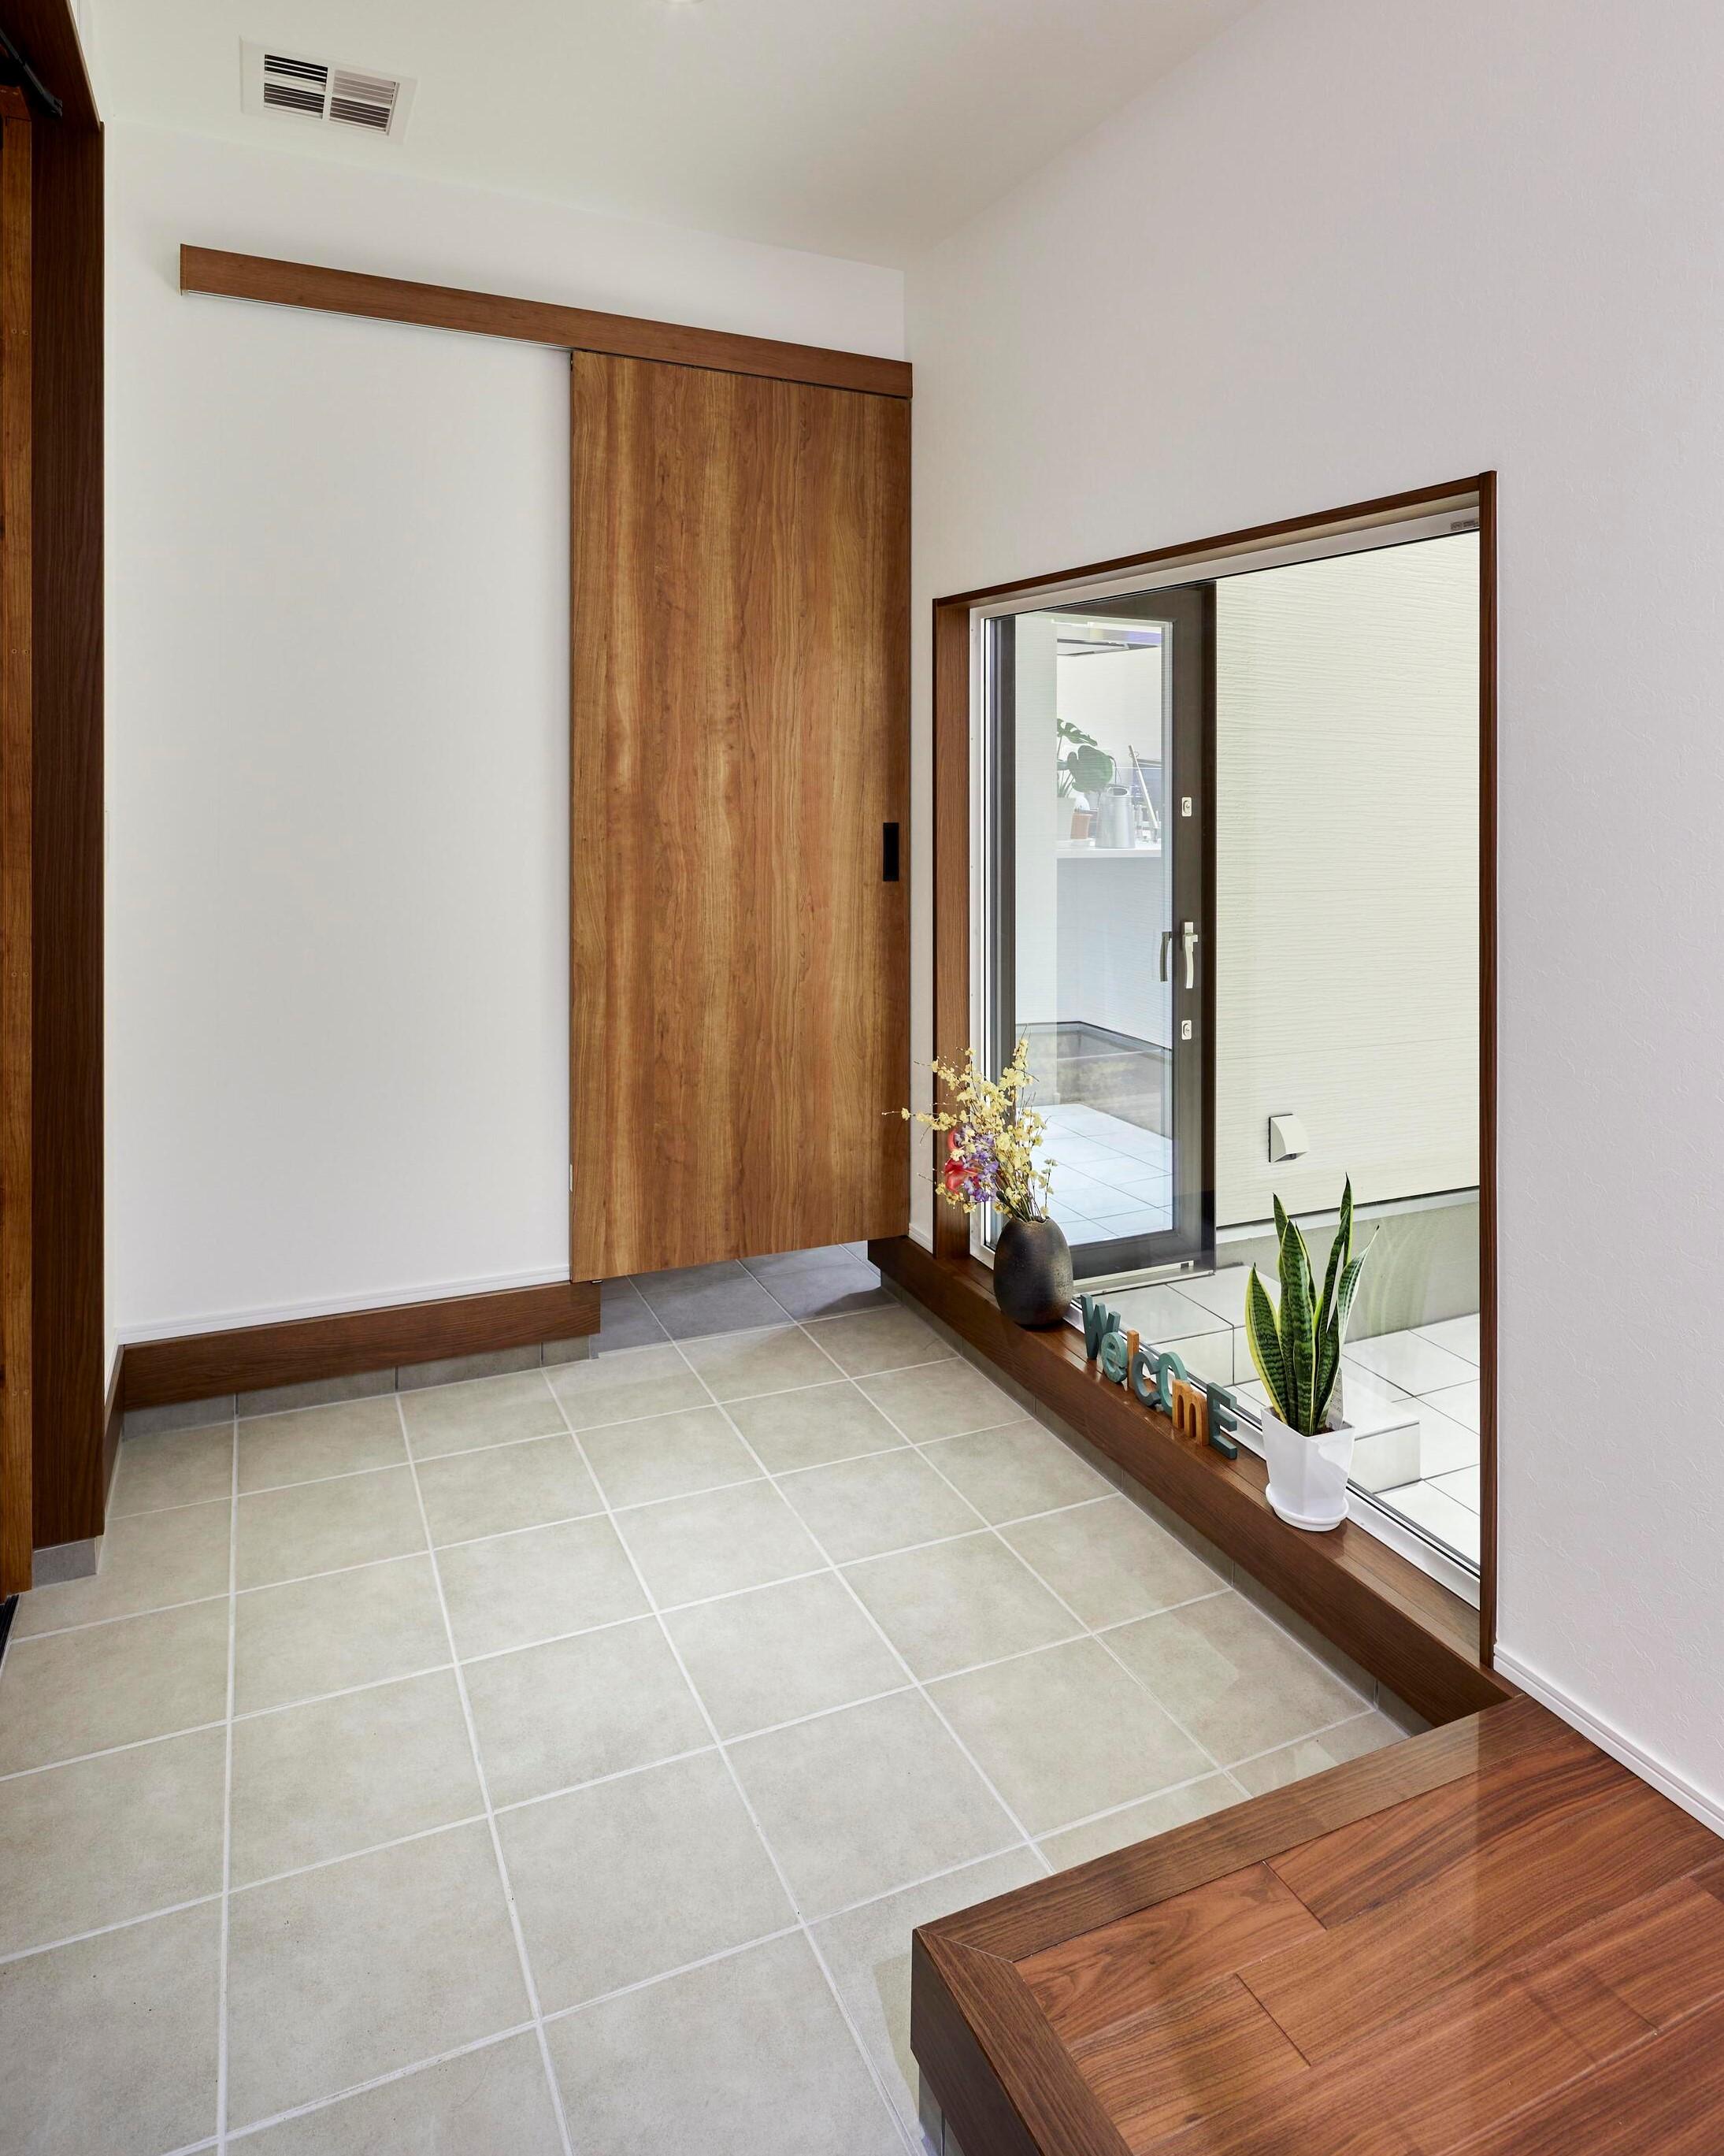 土間は広めに設計し、開放的な玄関に。玄関に入ったところから高級感を感じられる